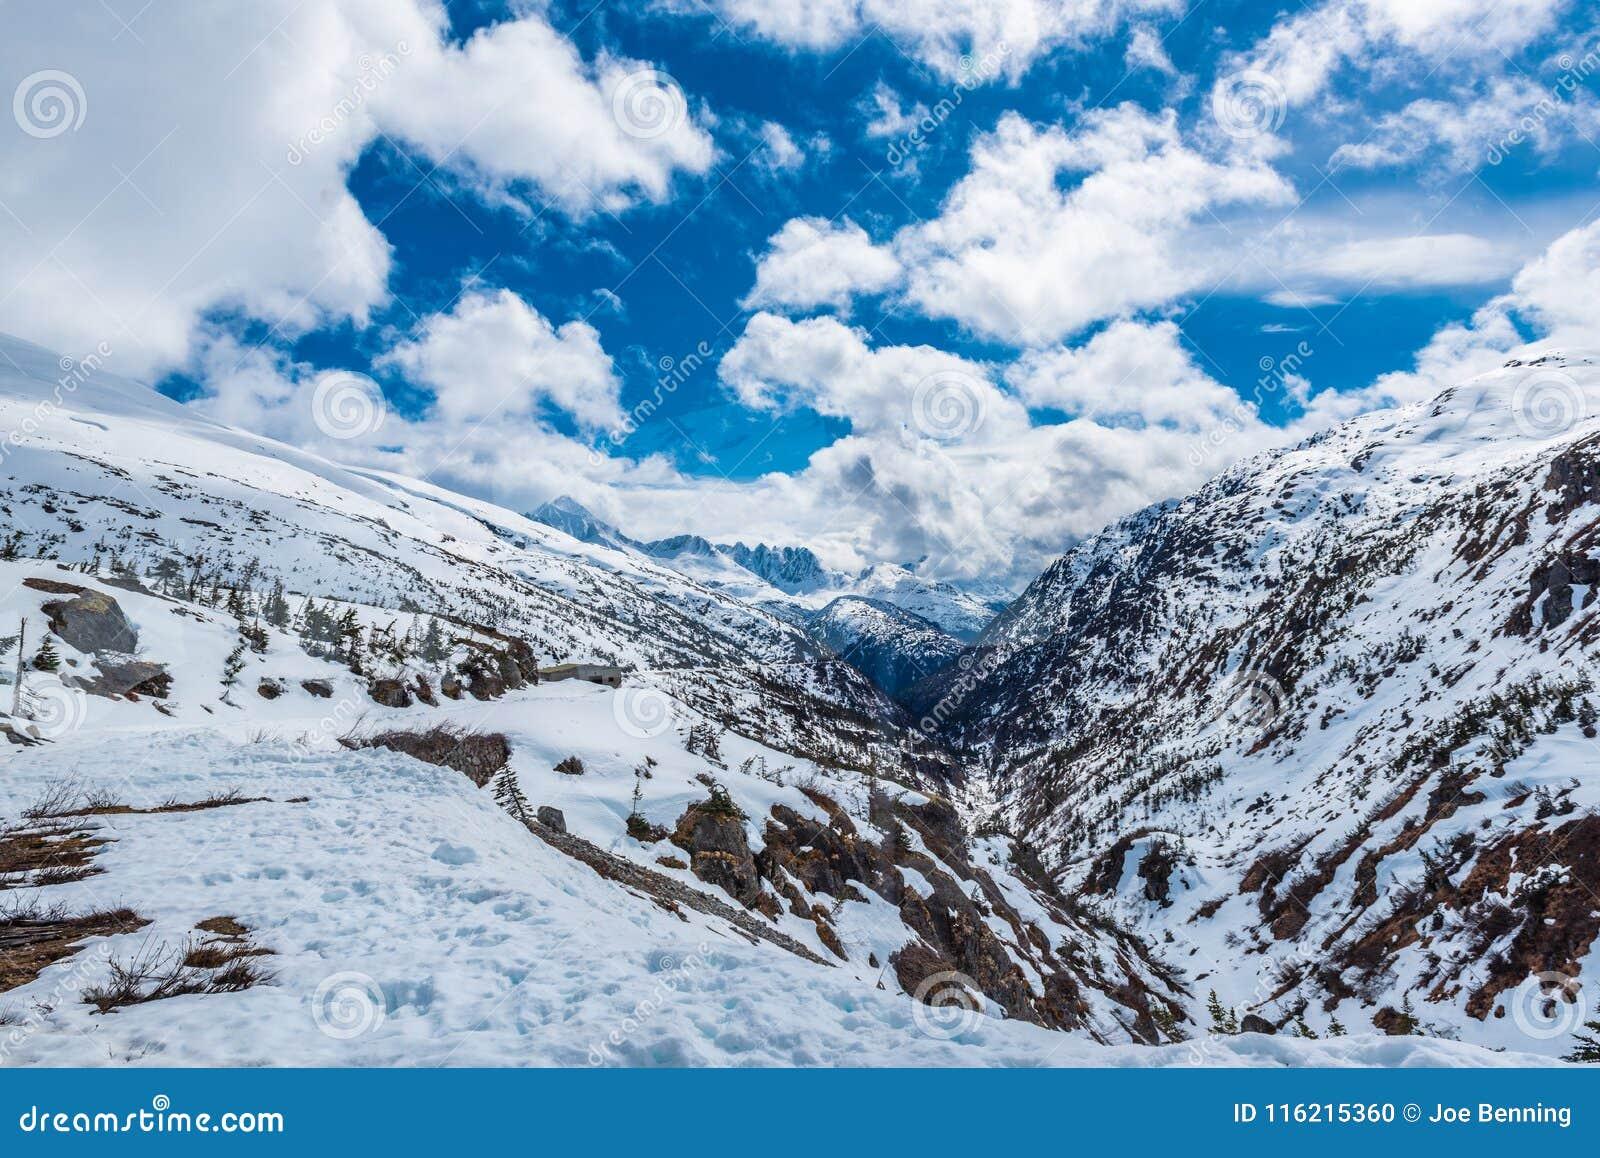 Υψηλός επάνω στα βουνά